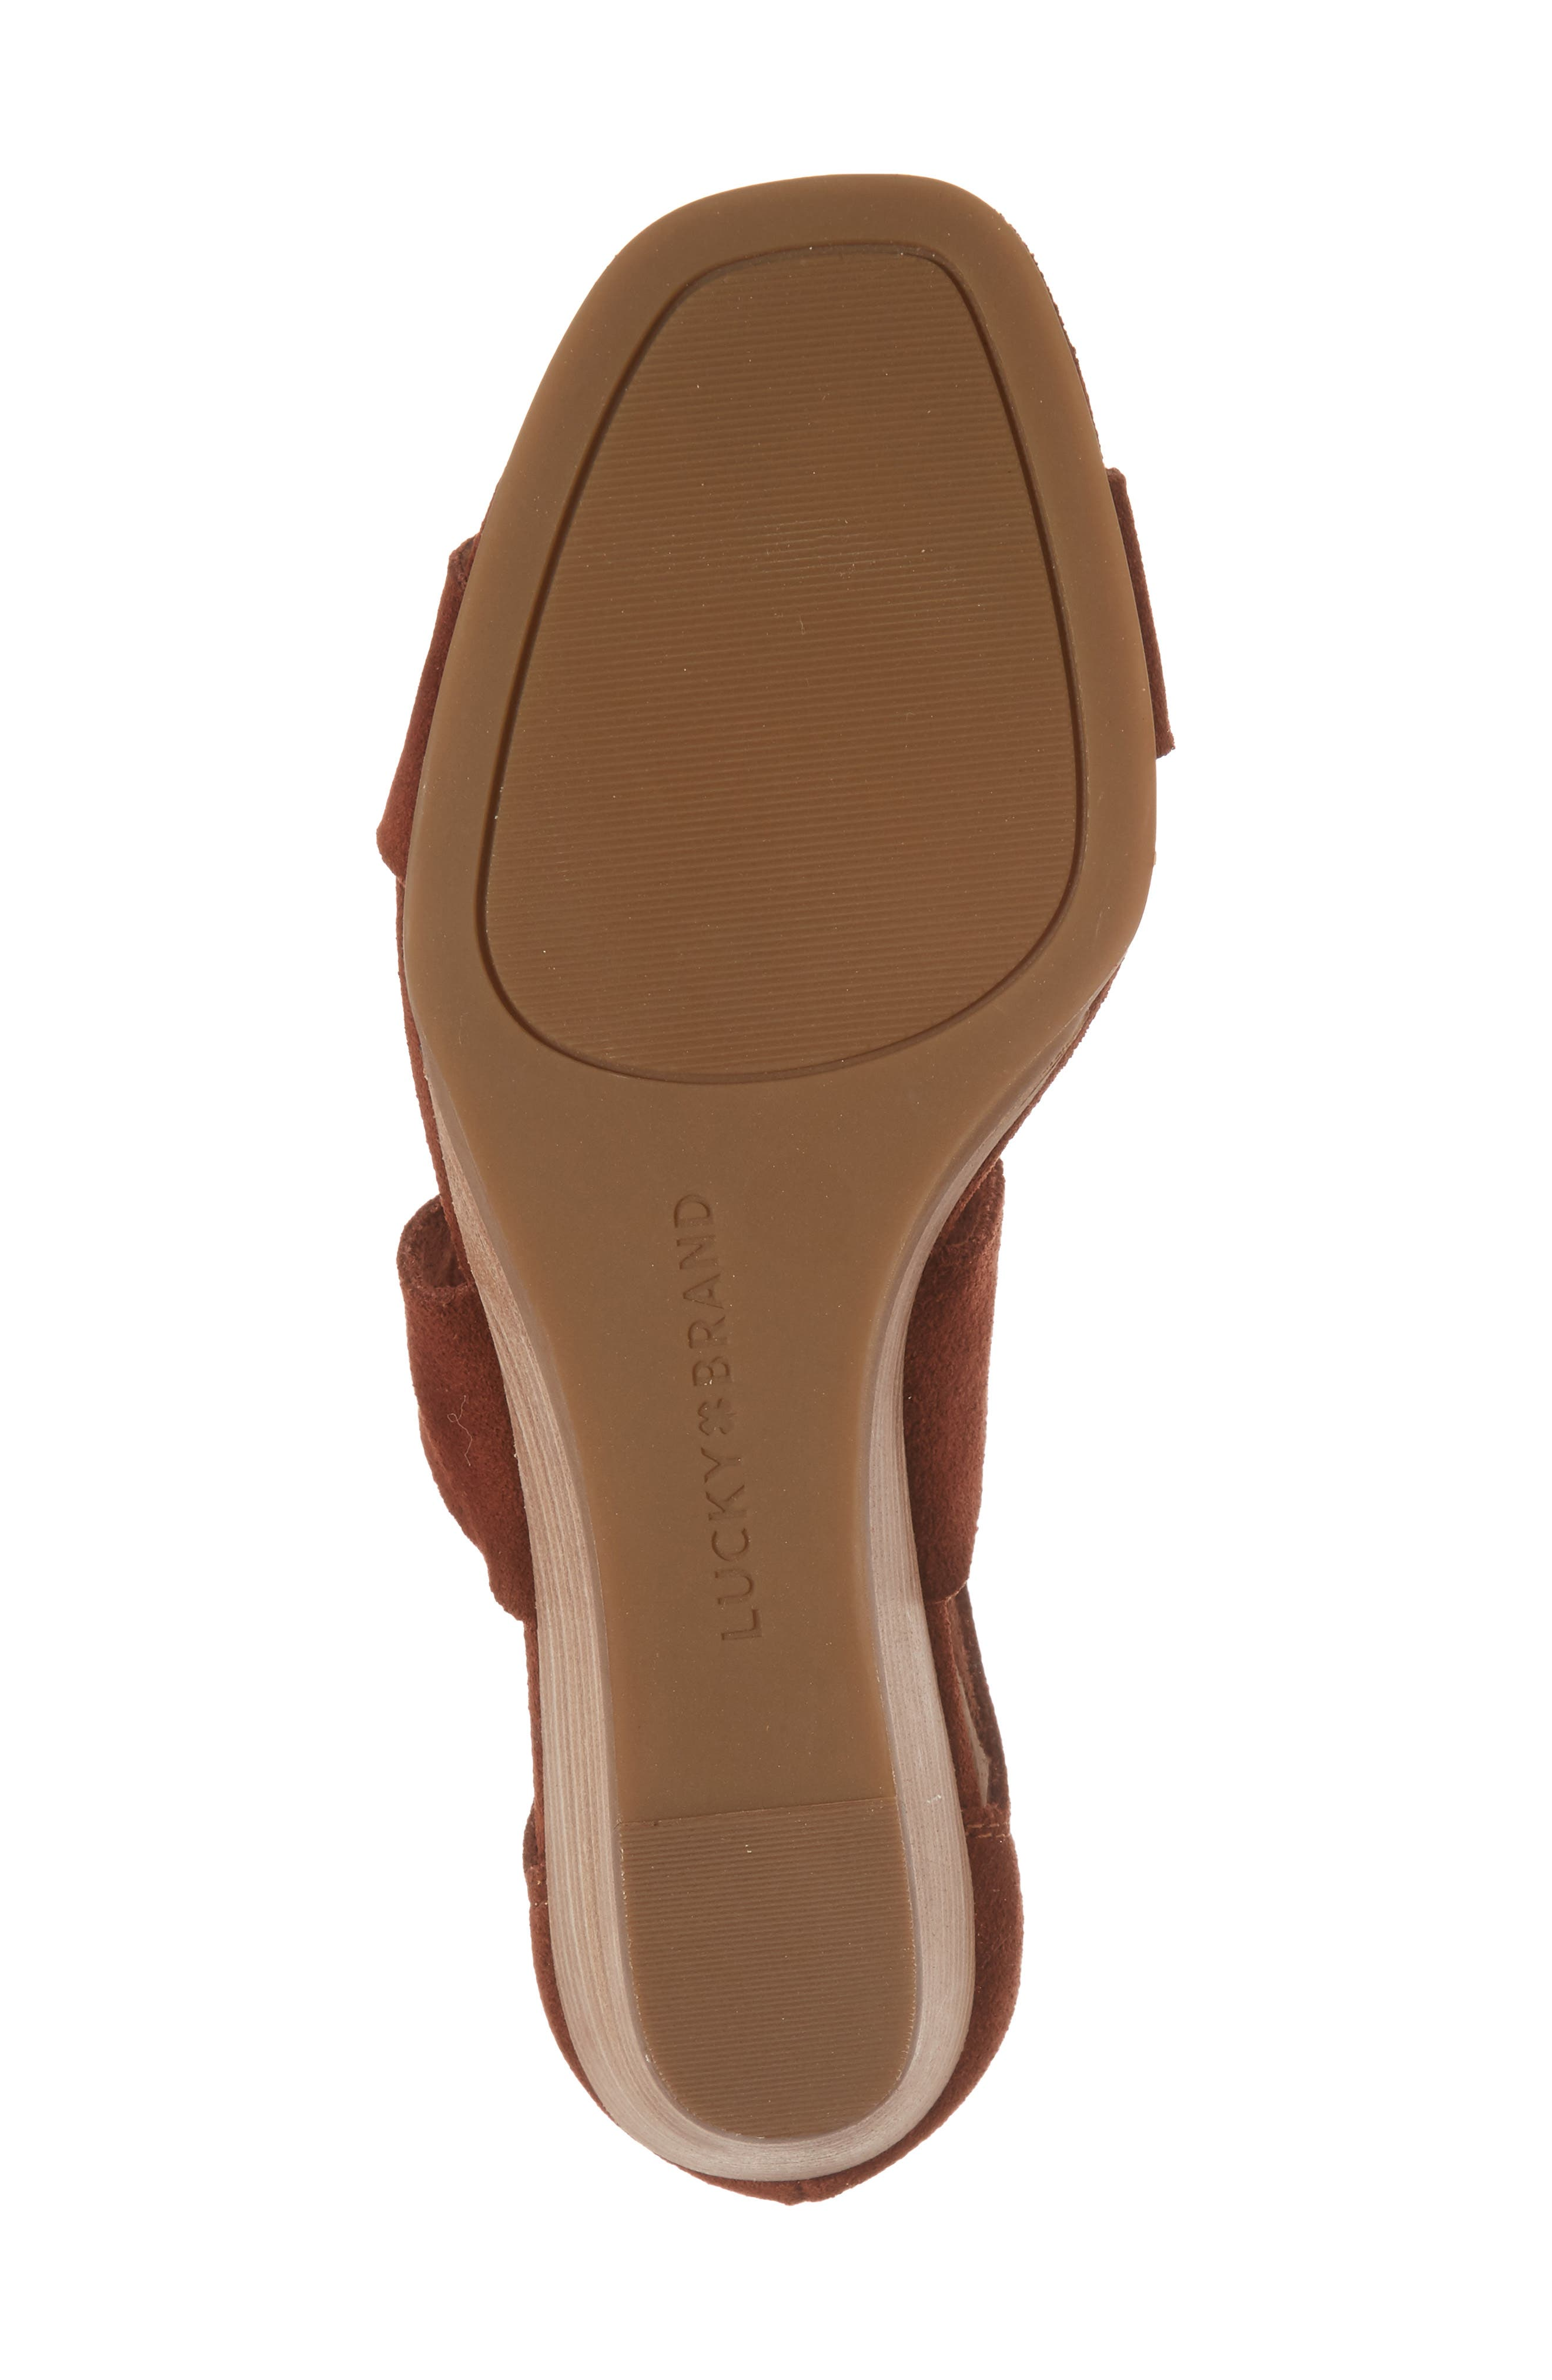 Tammanee Wedge Sandal,                             Alternate thumbnail 6, color,                             Rye Suede